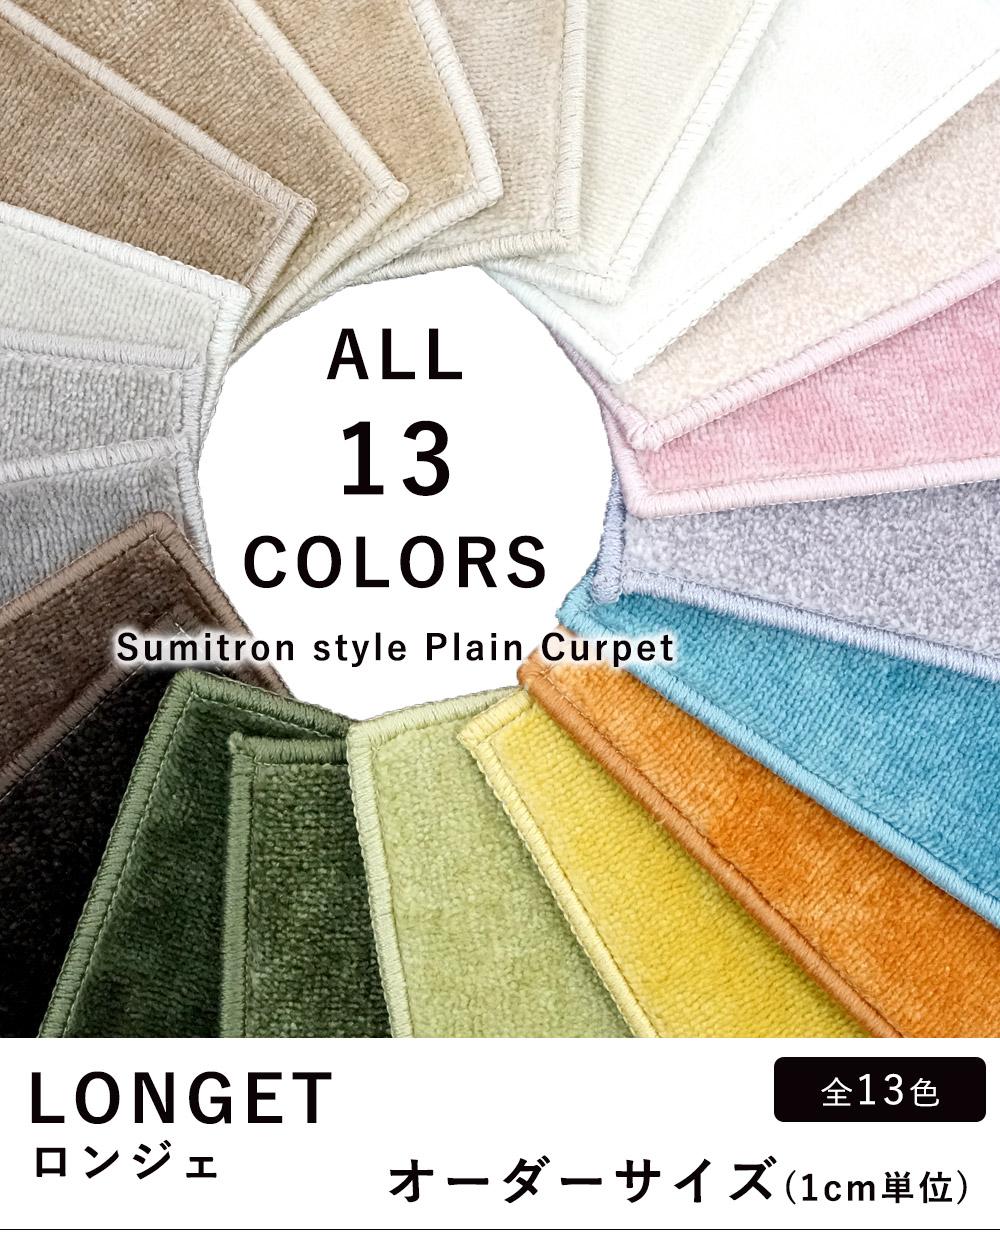 全18色から選べる!ソフトタッチのボリューミーな日本製ラグ ロンジェ Sサイズ/約140×200cm(約1.5畳相当)